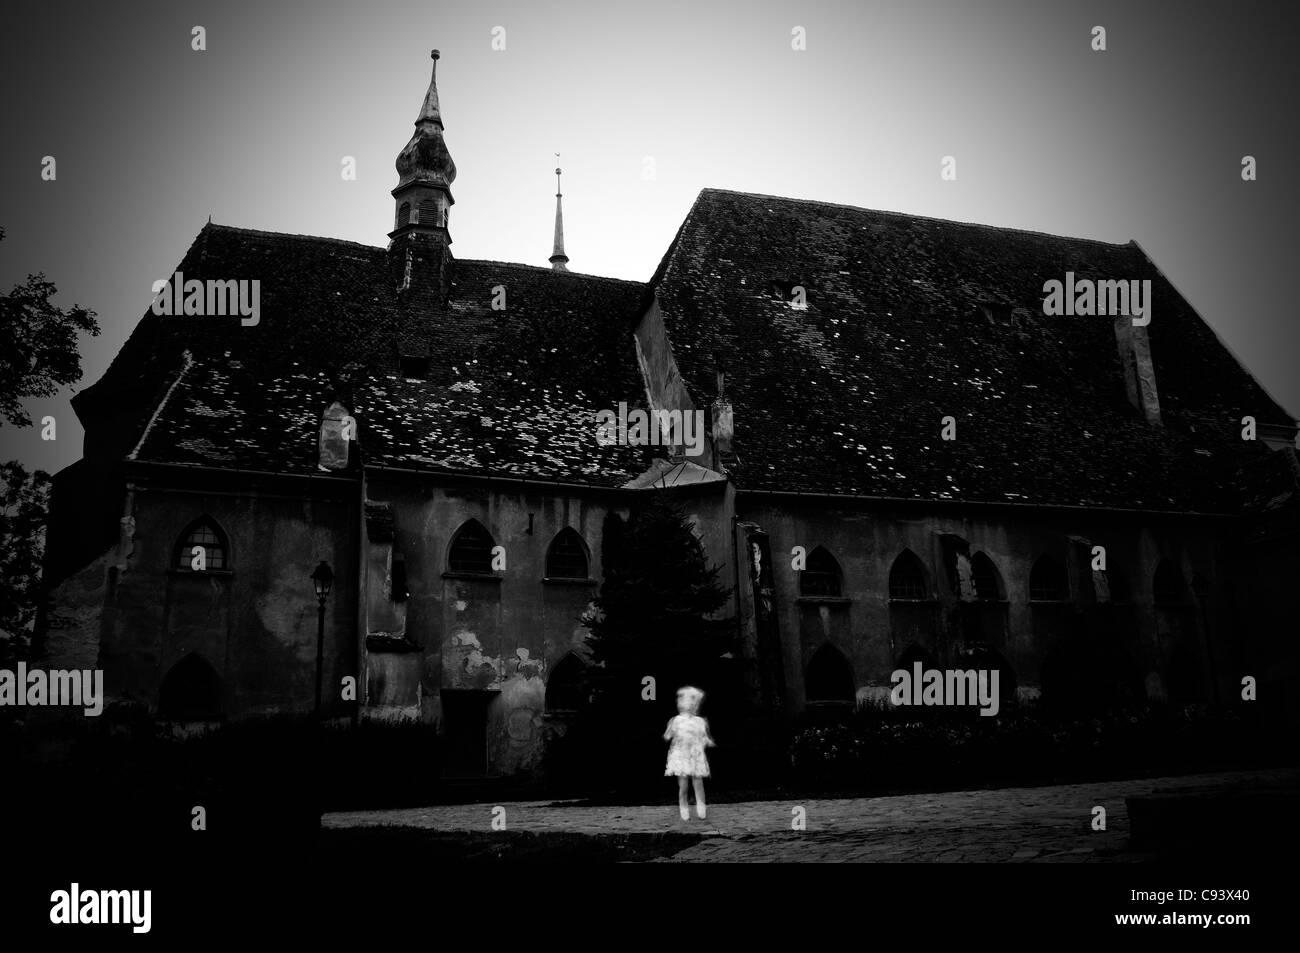 La Romania, Sighisoara.Chiesa. Aspetto fantasma Immagini Stock